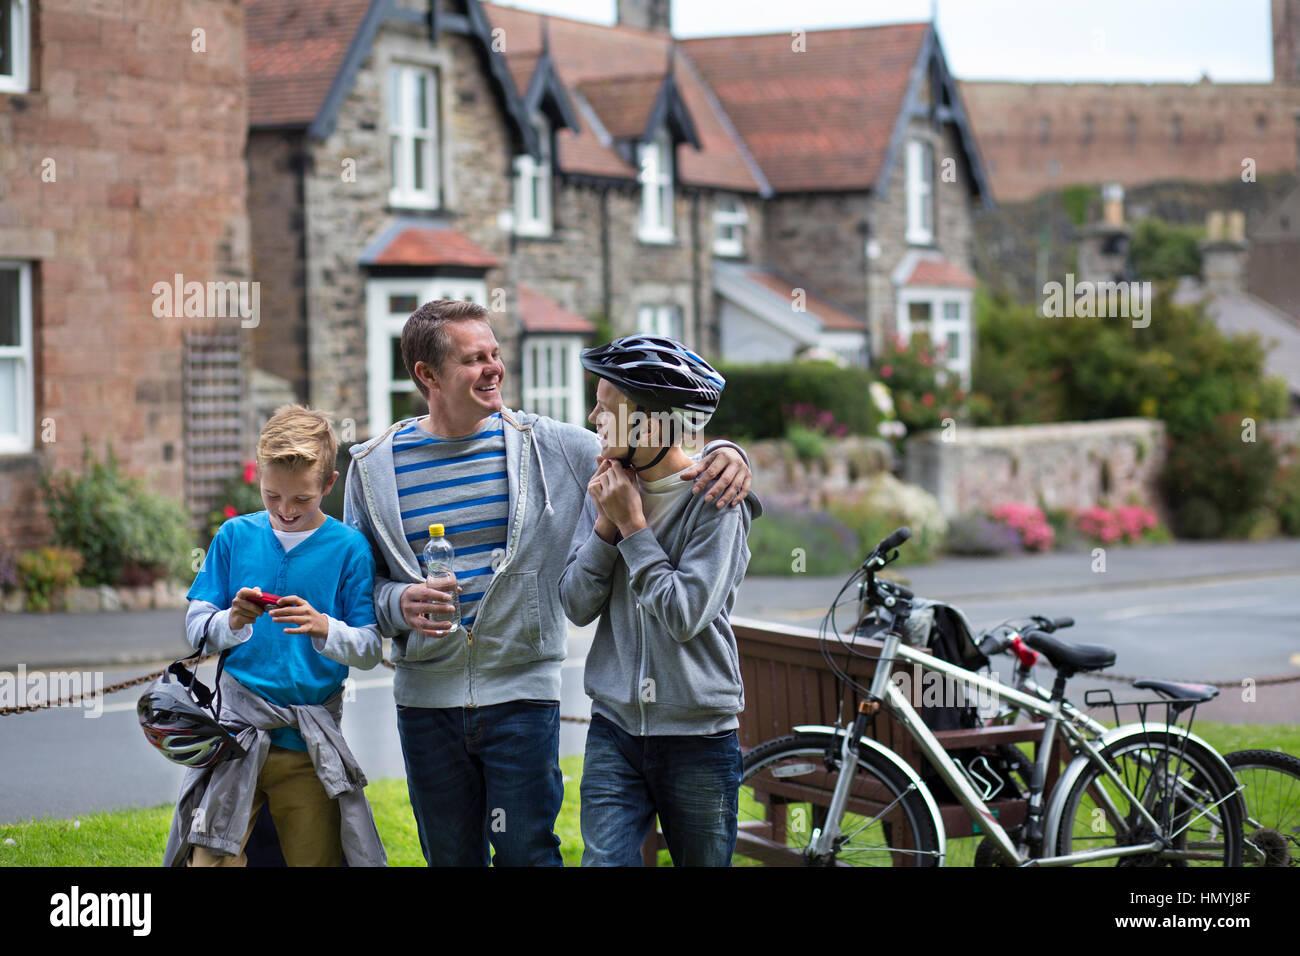 Père et Fils s'arrêtant dans un village au milieu de leur promenade en vélo pour prendre un verre. Photo Stock